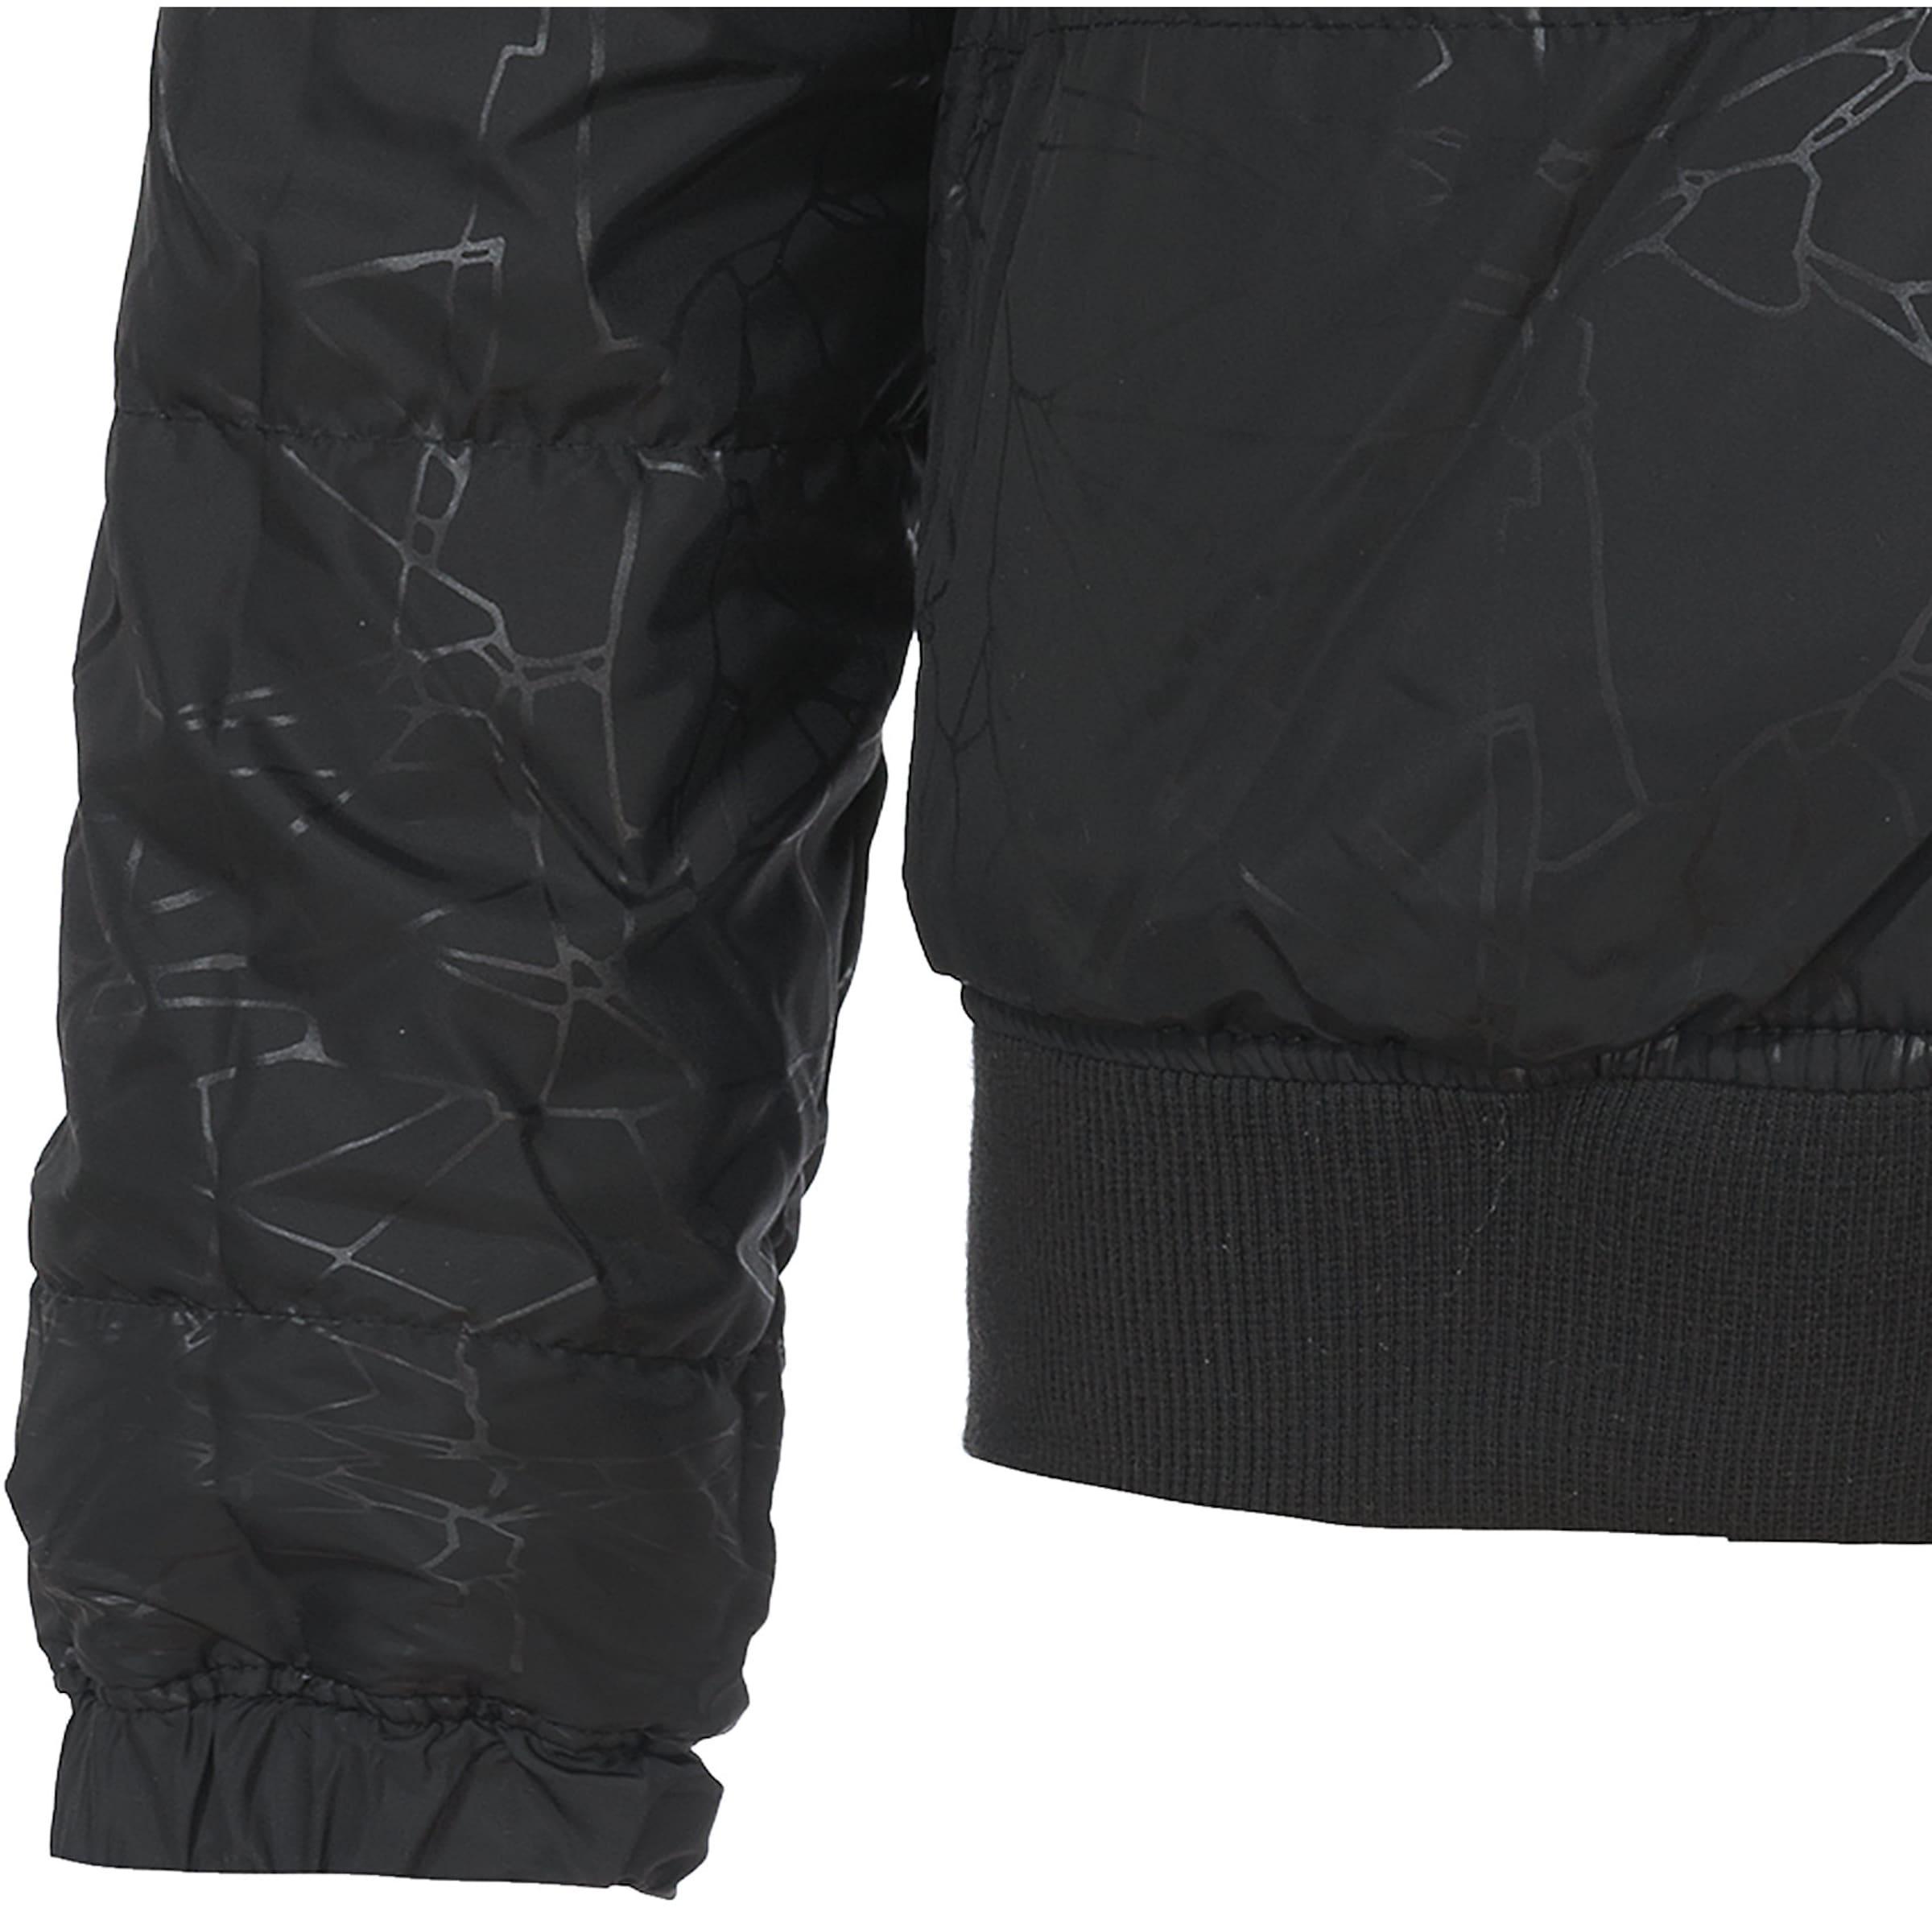 Schwarz Jacke Bench In Jacke Schwarz In Bench Bench In Jacke 4RLcq35Aj